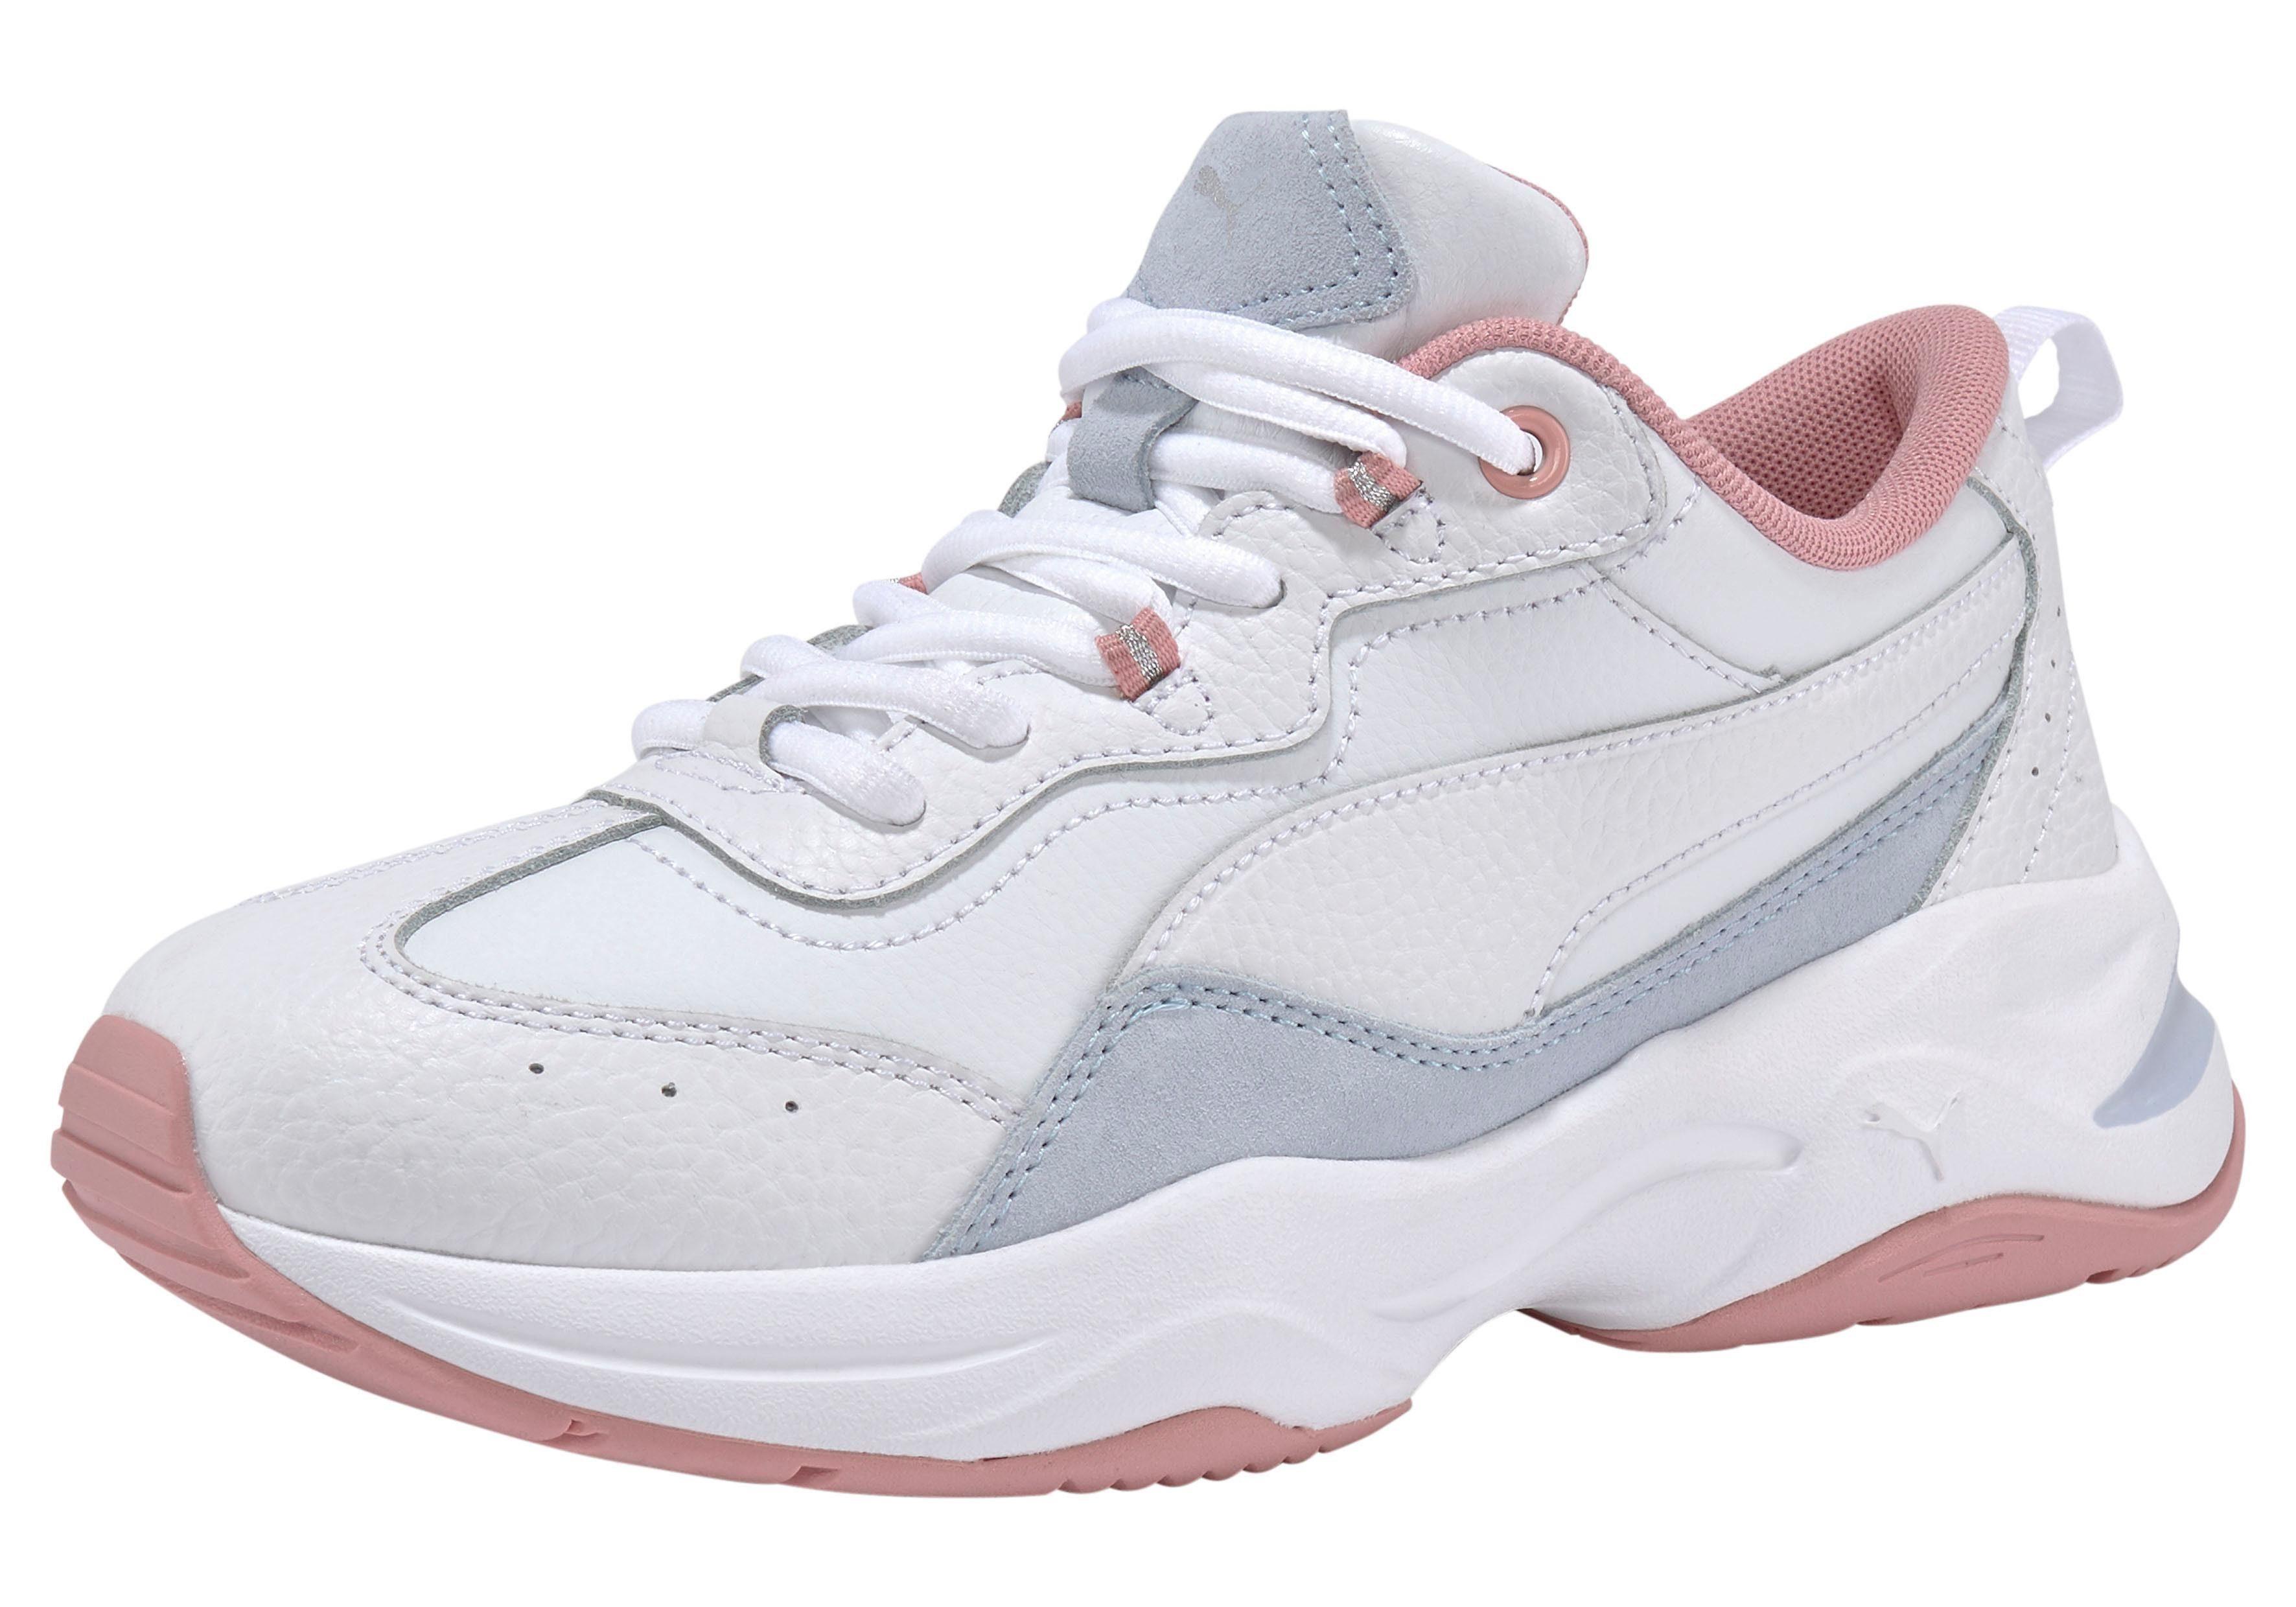 PUMA »Cilia Lux« Sneaker, Stylischer Sneaker von PUMA online kaufen | OTTO